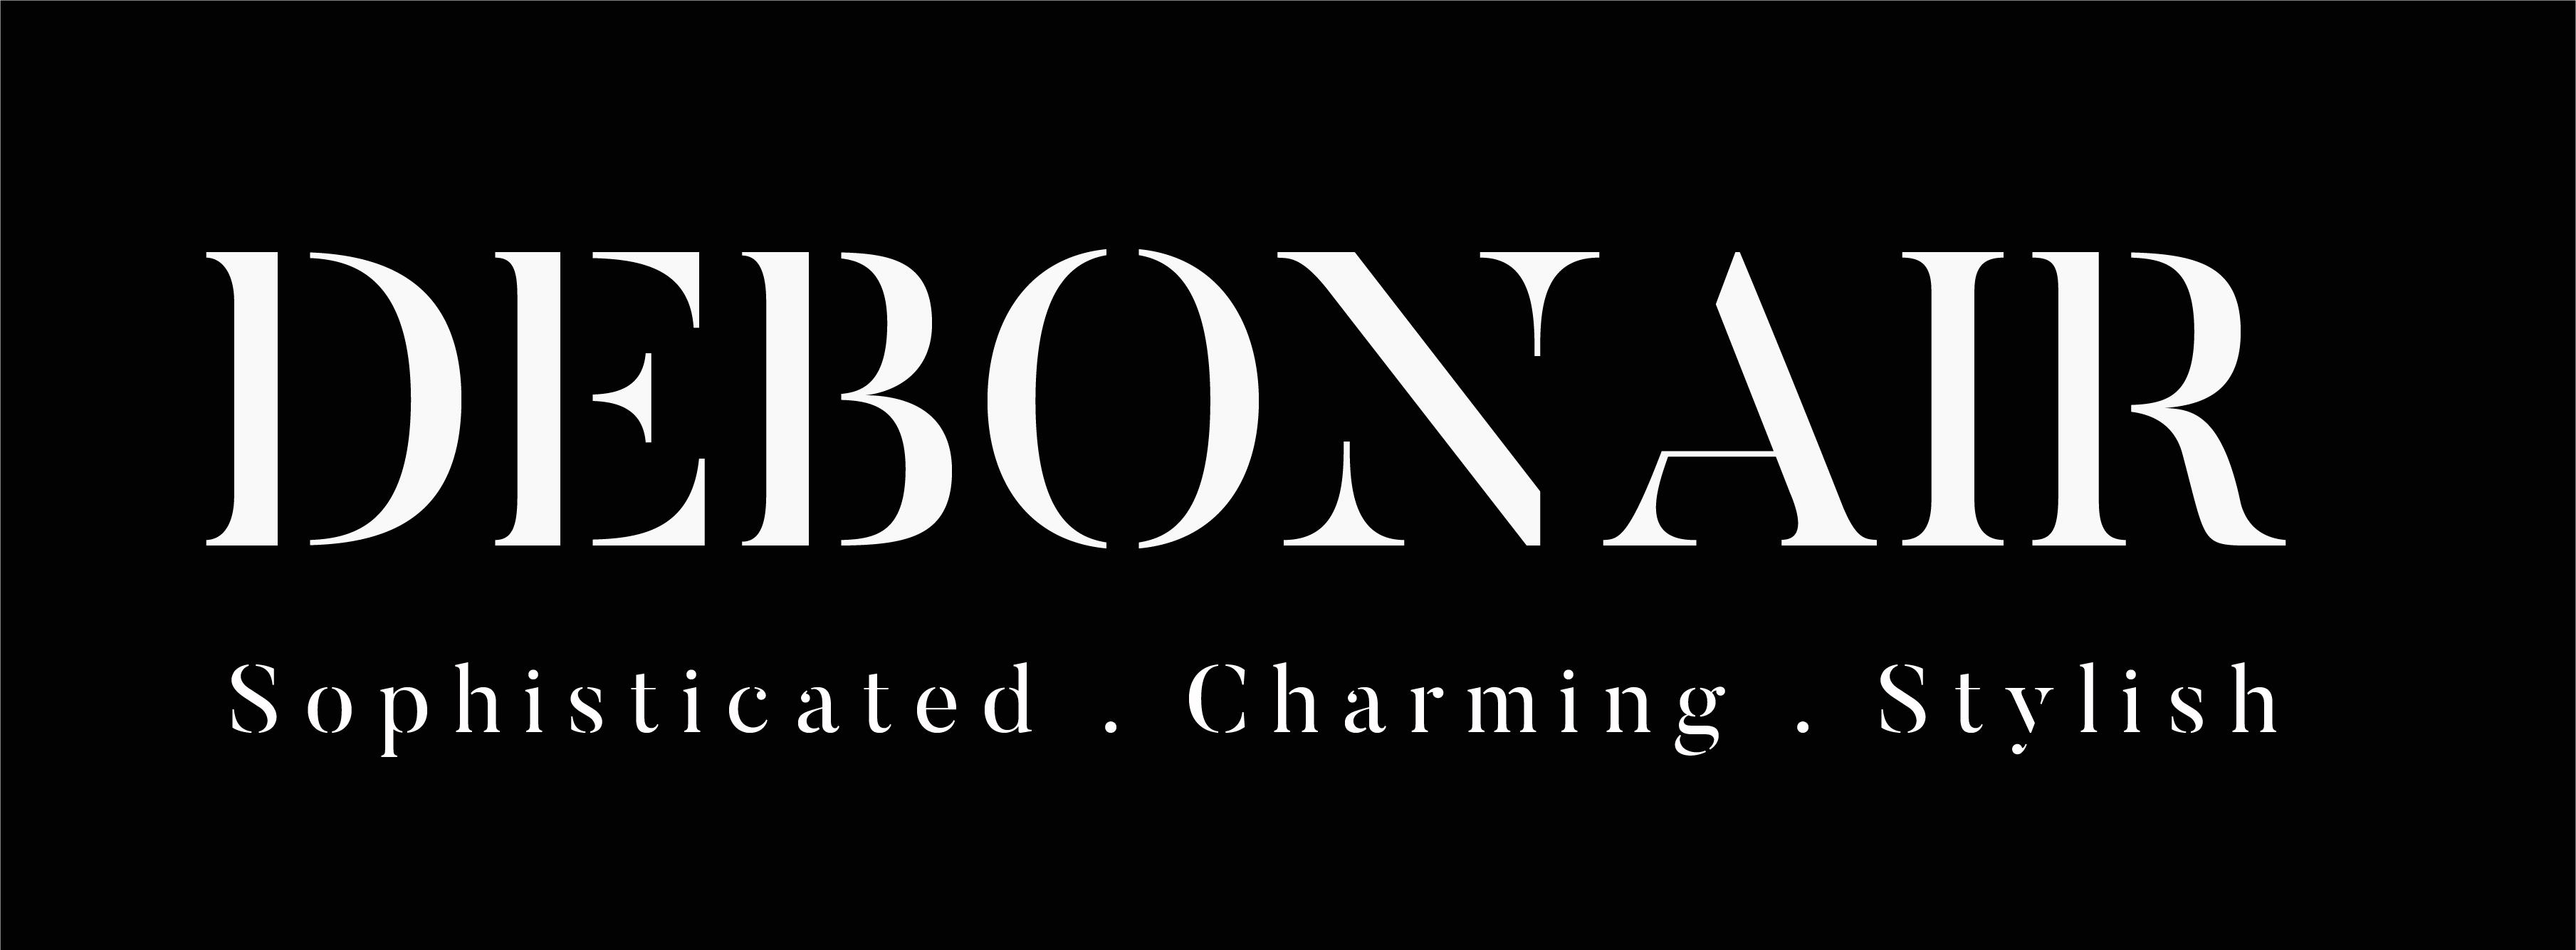 DEBONAIR logo